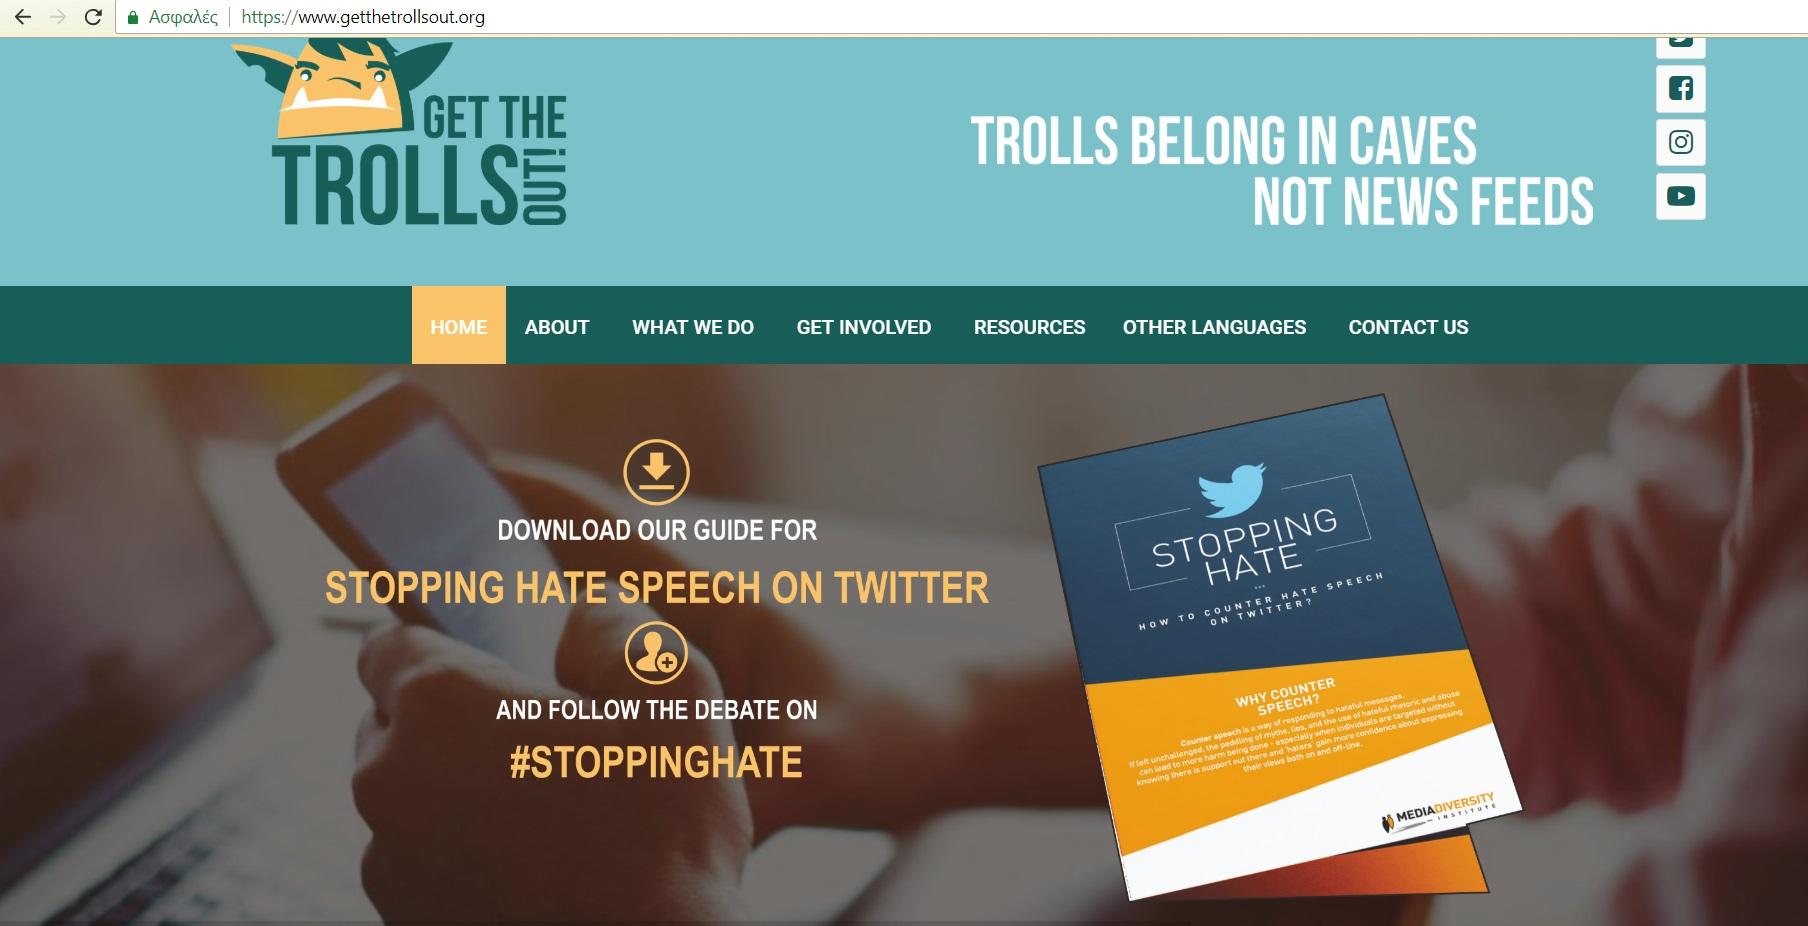 Γνωρίζετε πως να αντιμετωπίσετε τη ρητορική μίσους στο Twitter; #trollsout